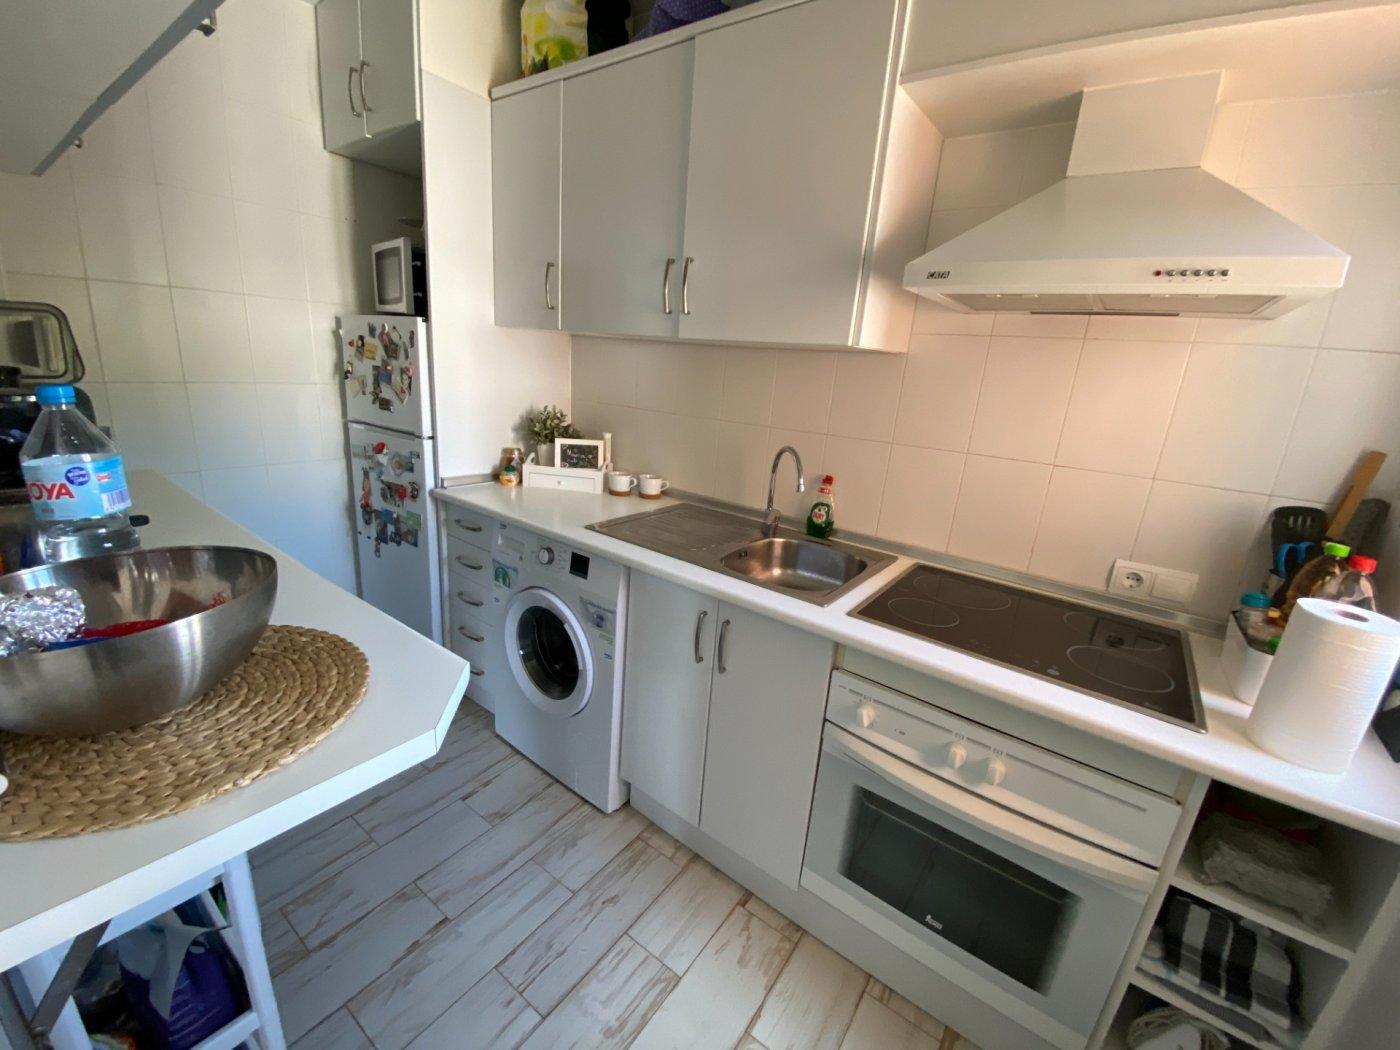 Alquiler con opcion de compra!espectacular apartamento con vistas al mar y parking propio - imagenInmueble8